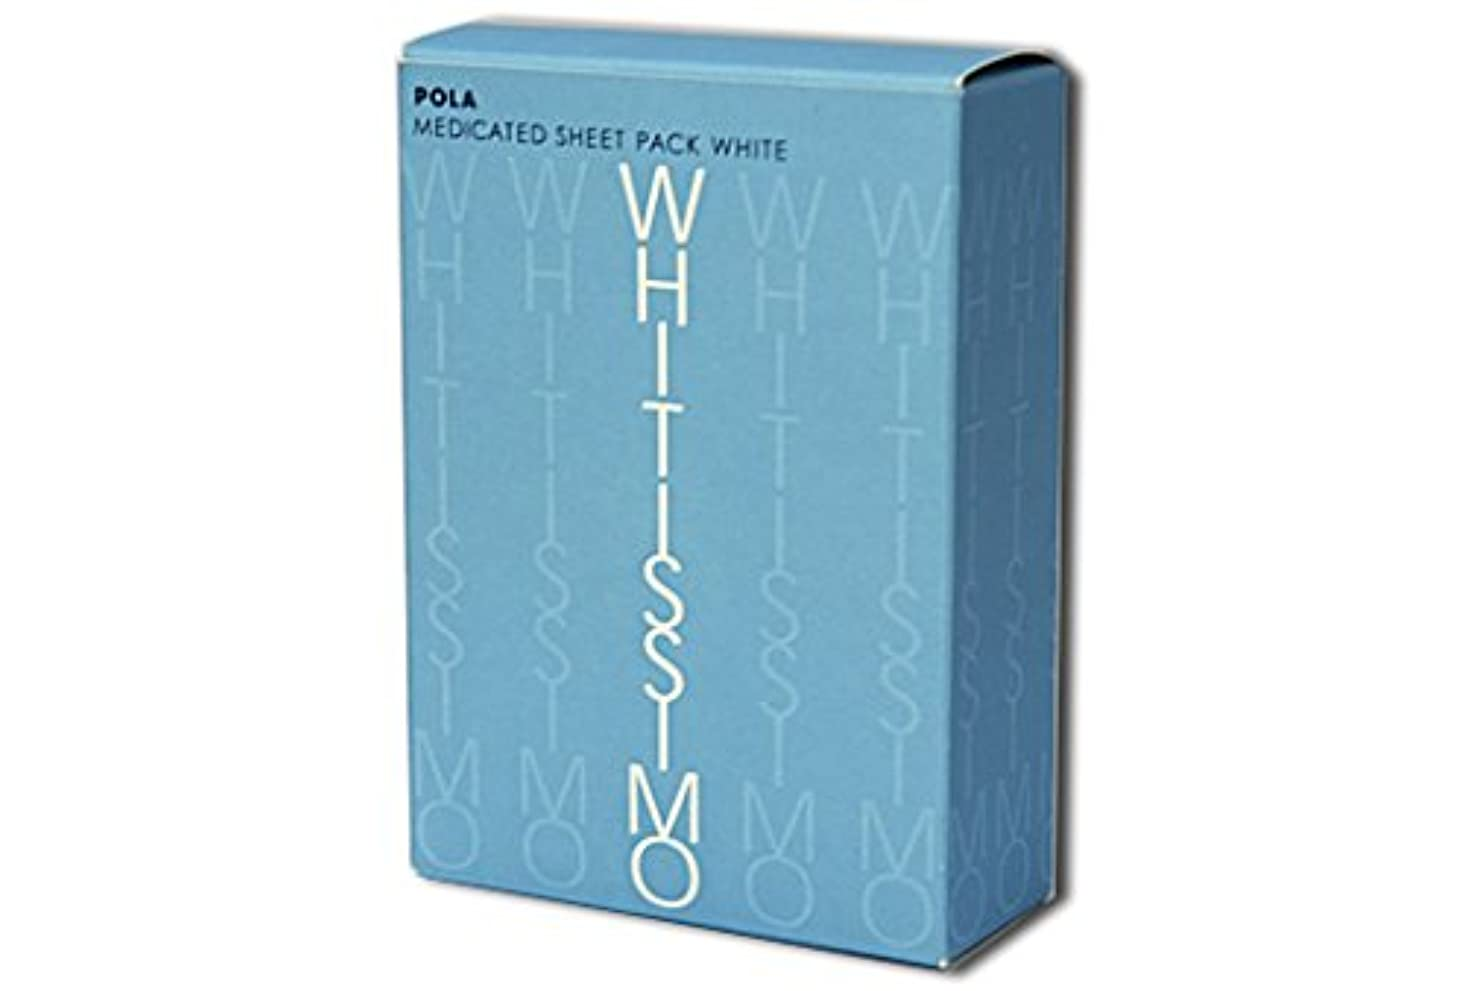 団結する人気ヒロインPOLA / ポーラ ホワイティシモ 薬用シート パック ホワイト 30セット